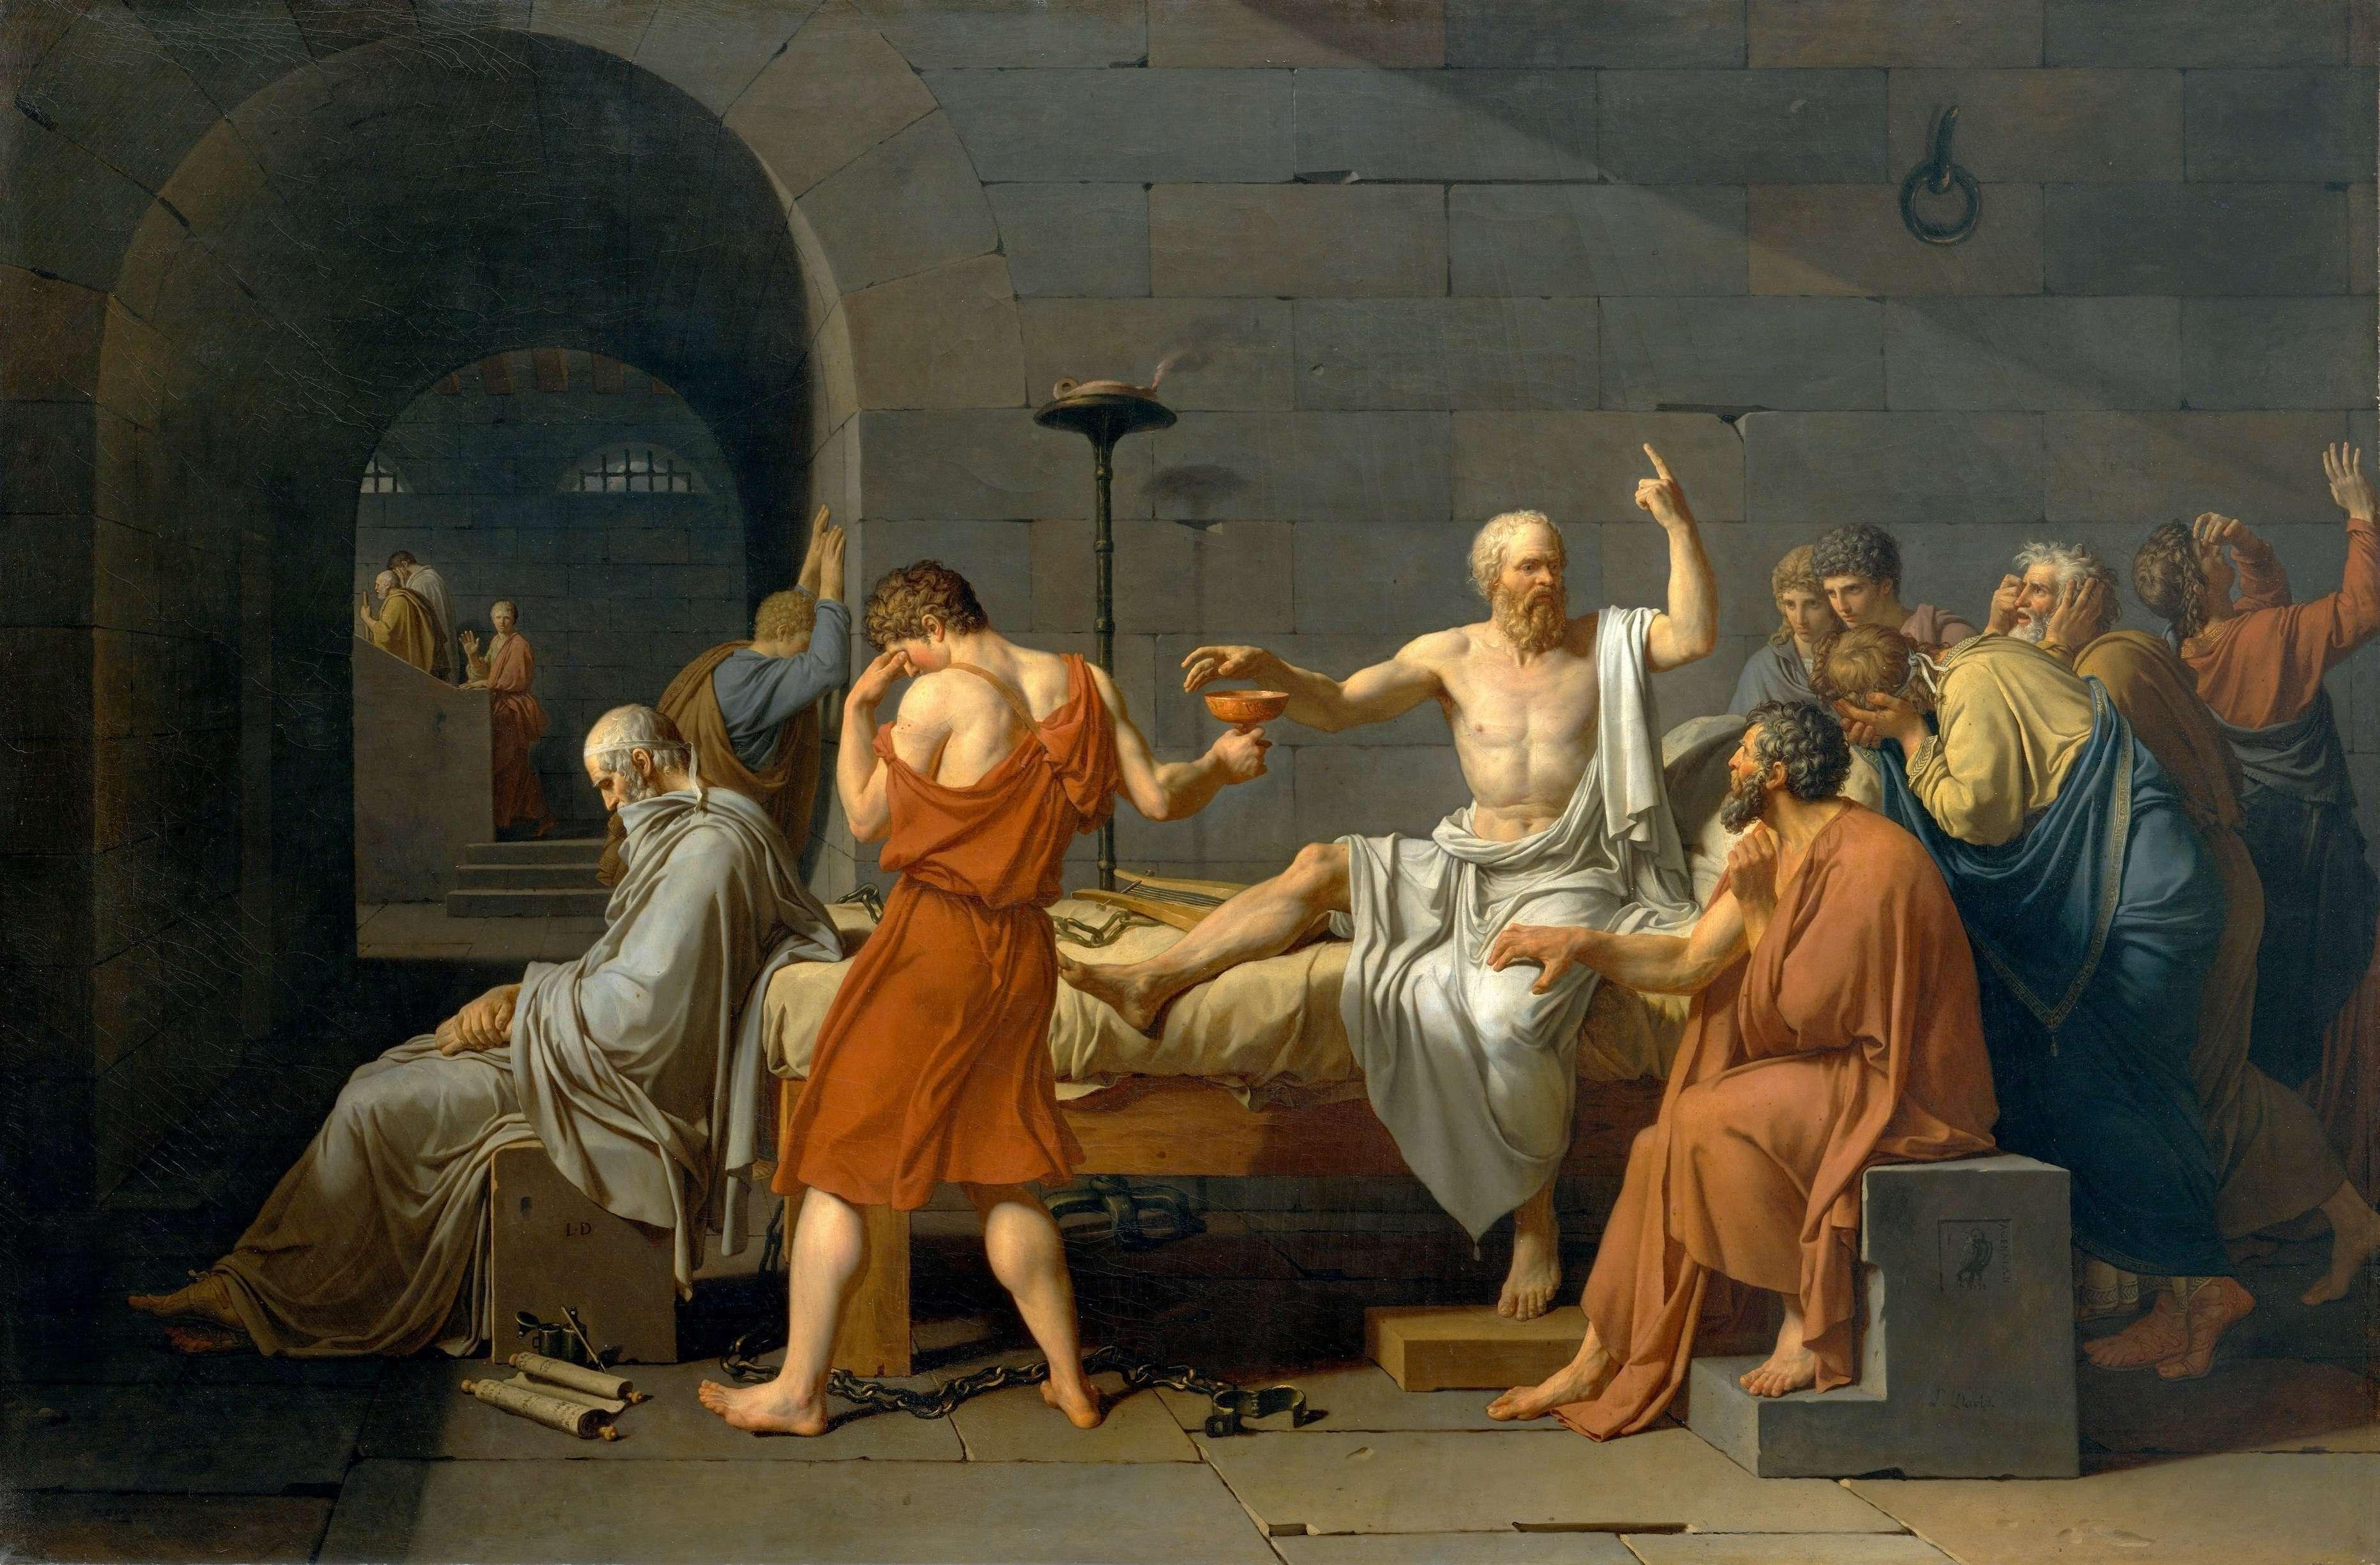 nhan vat socrates 2 Những câu nói thông tuệ của triết gia Socrates